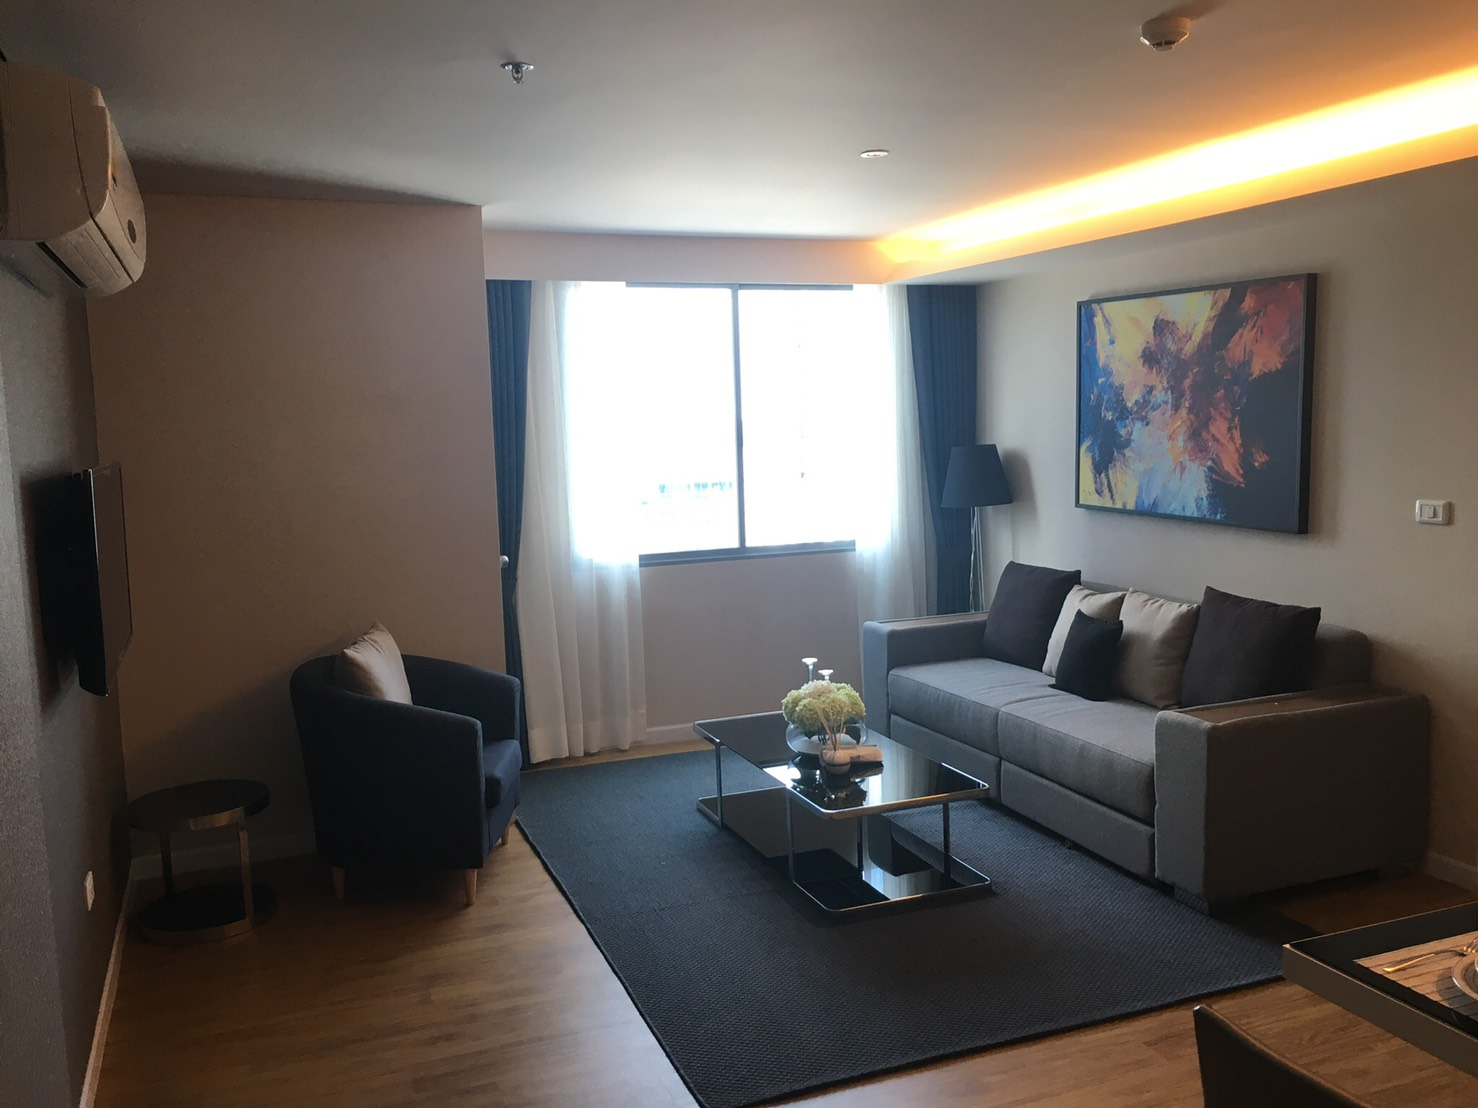 ภาพSiamese Nang Linchee Condo ขายห้องสุดท้ายจากโครงการ ราคาดีที่สุด ใกล้ MRT คลองเตย